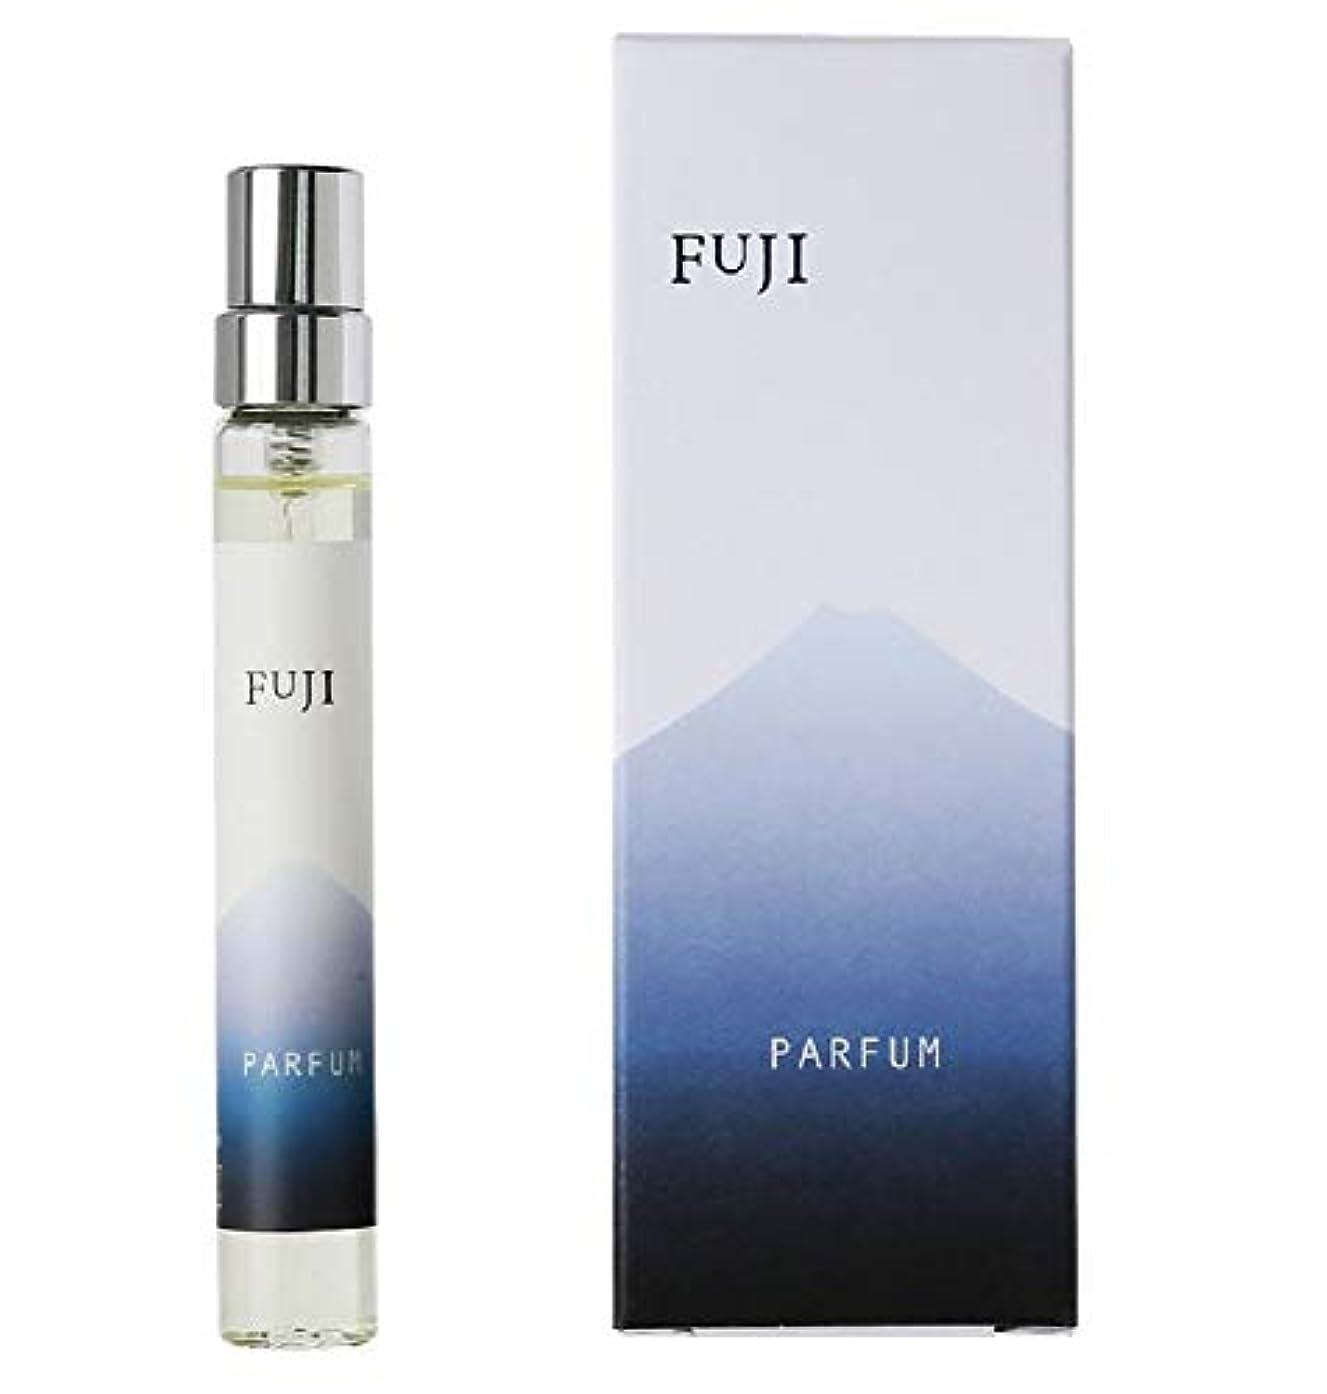 電子レンジ親密な強調するパルファム フジ fuji 香水「PARFUM FUJI(パルファム?フジ)」